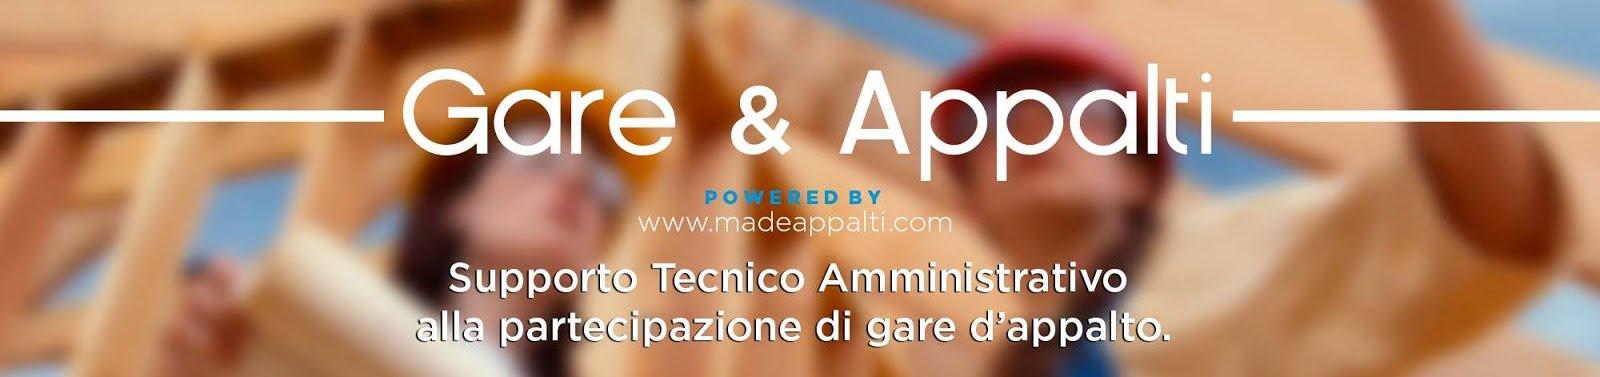 madeappalti.com di Danilo Esposito